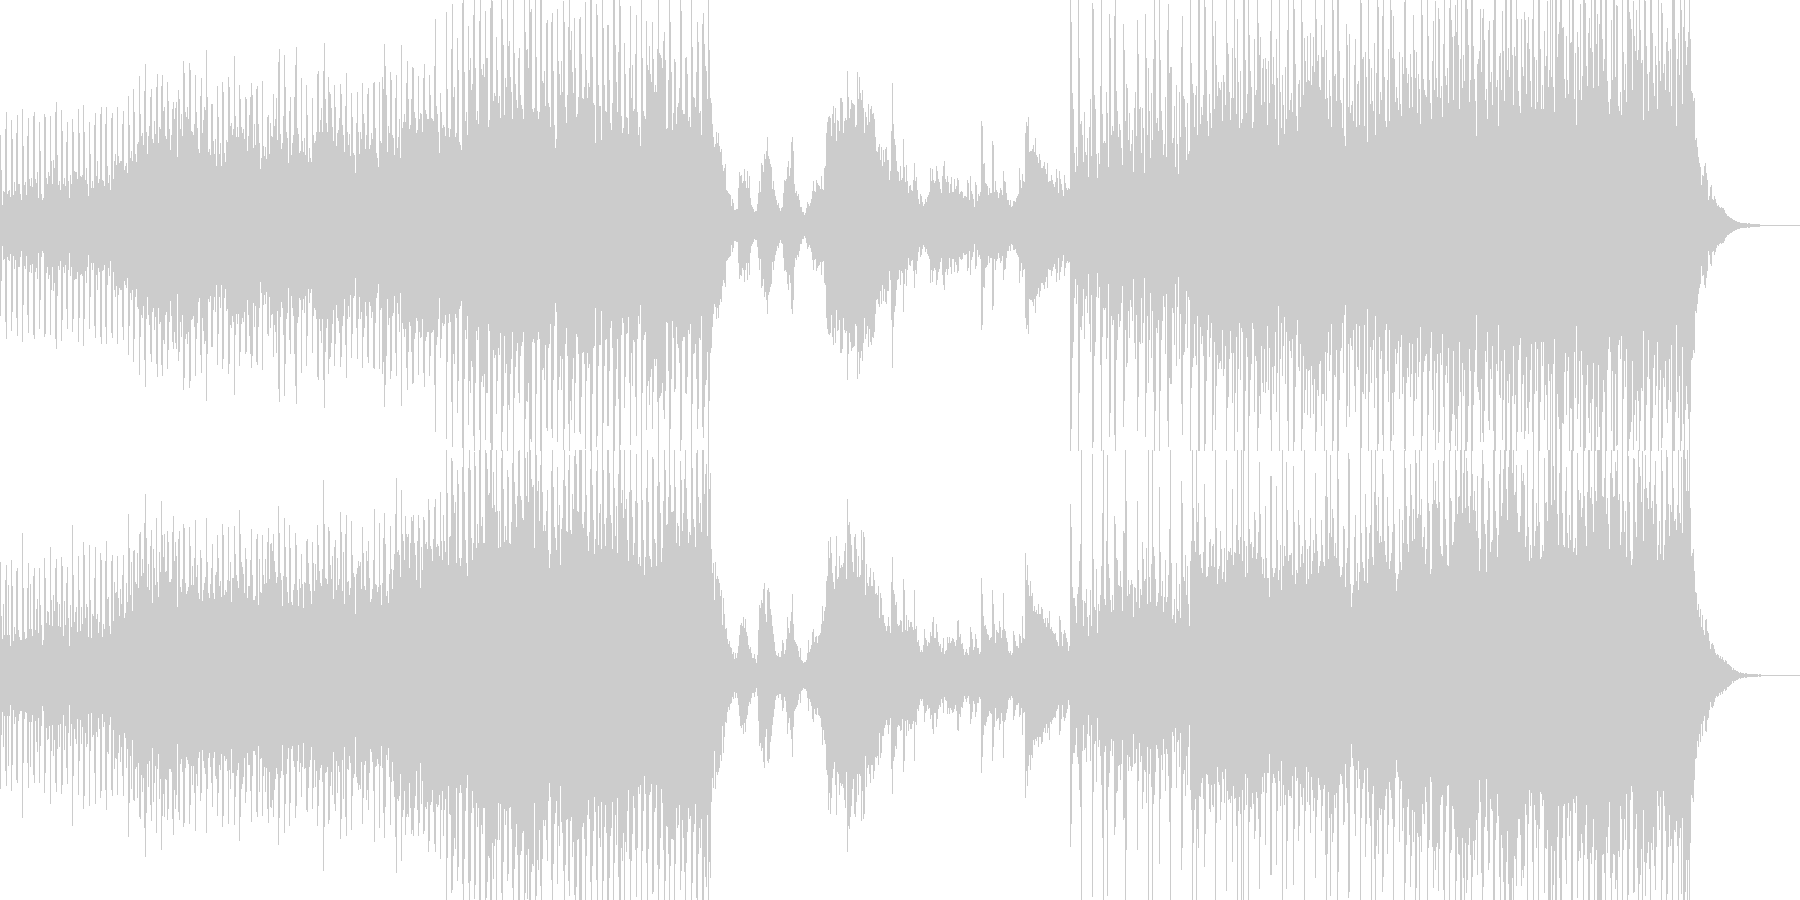 和風ダンス風インストの未再生の波形